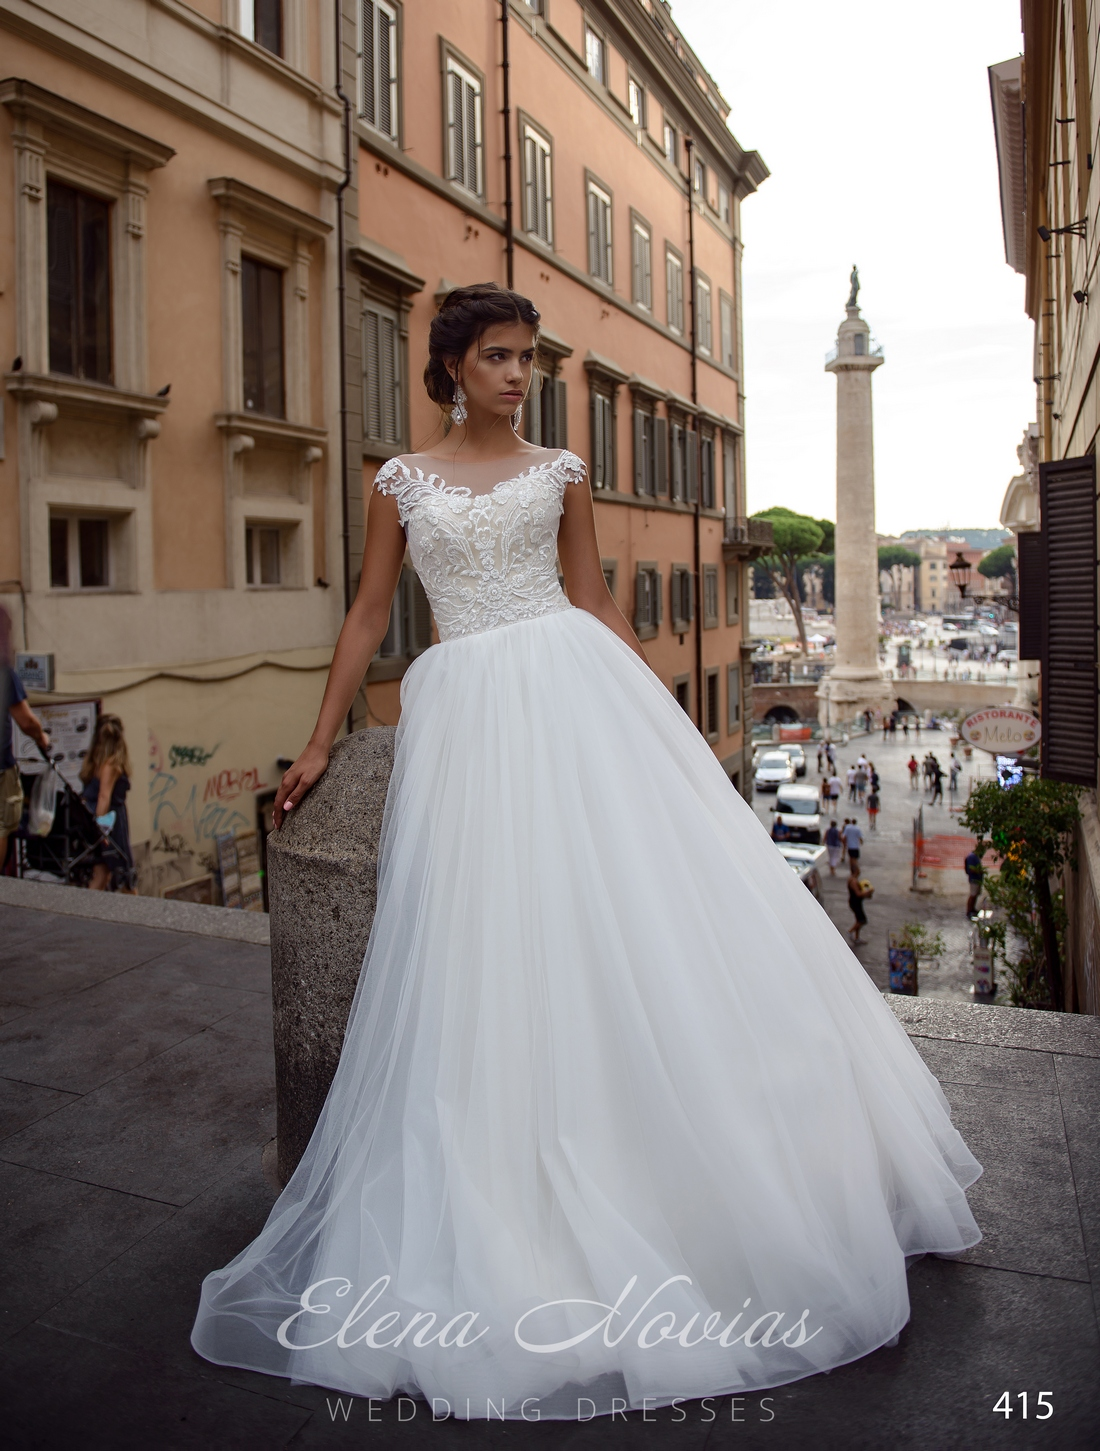 Свадебное платье а-силуэта с расшитым корсетом